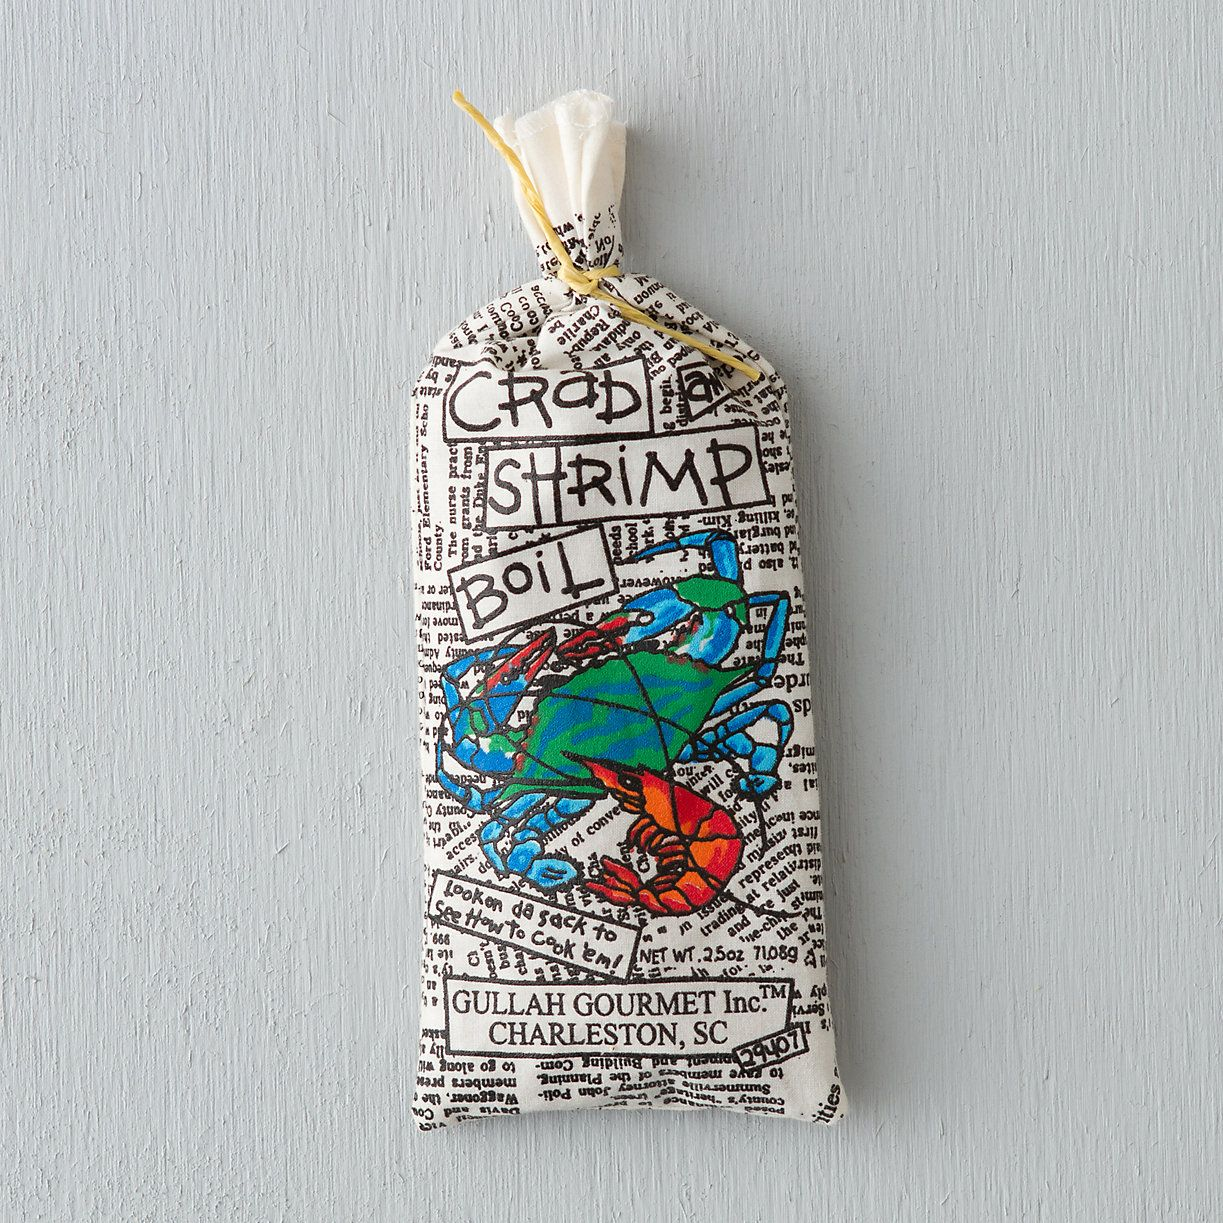 Crab & Shrimp Boil Spice Mix